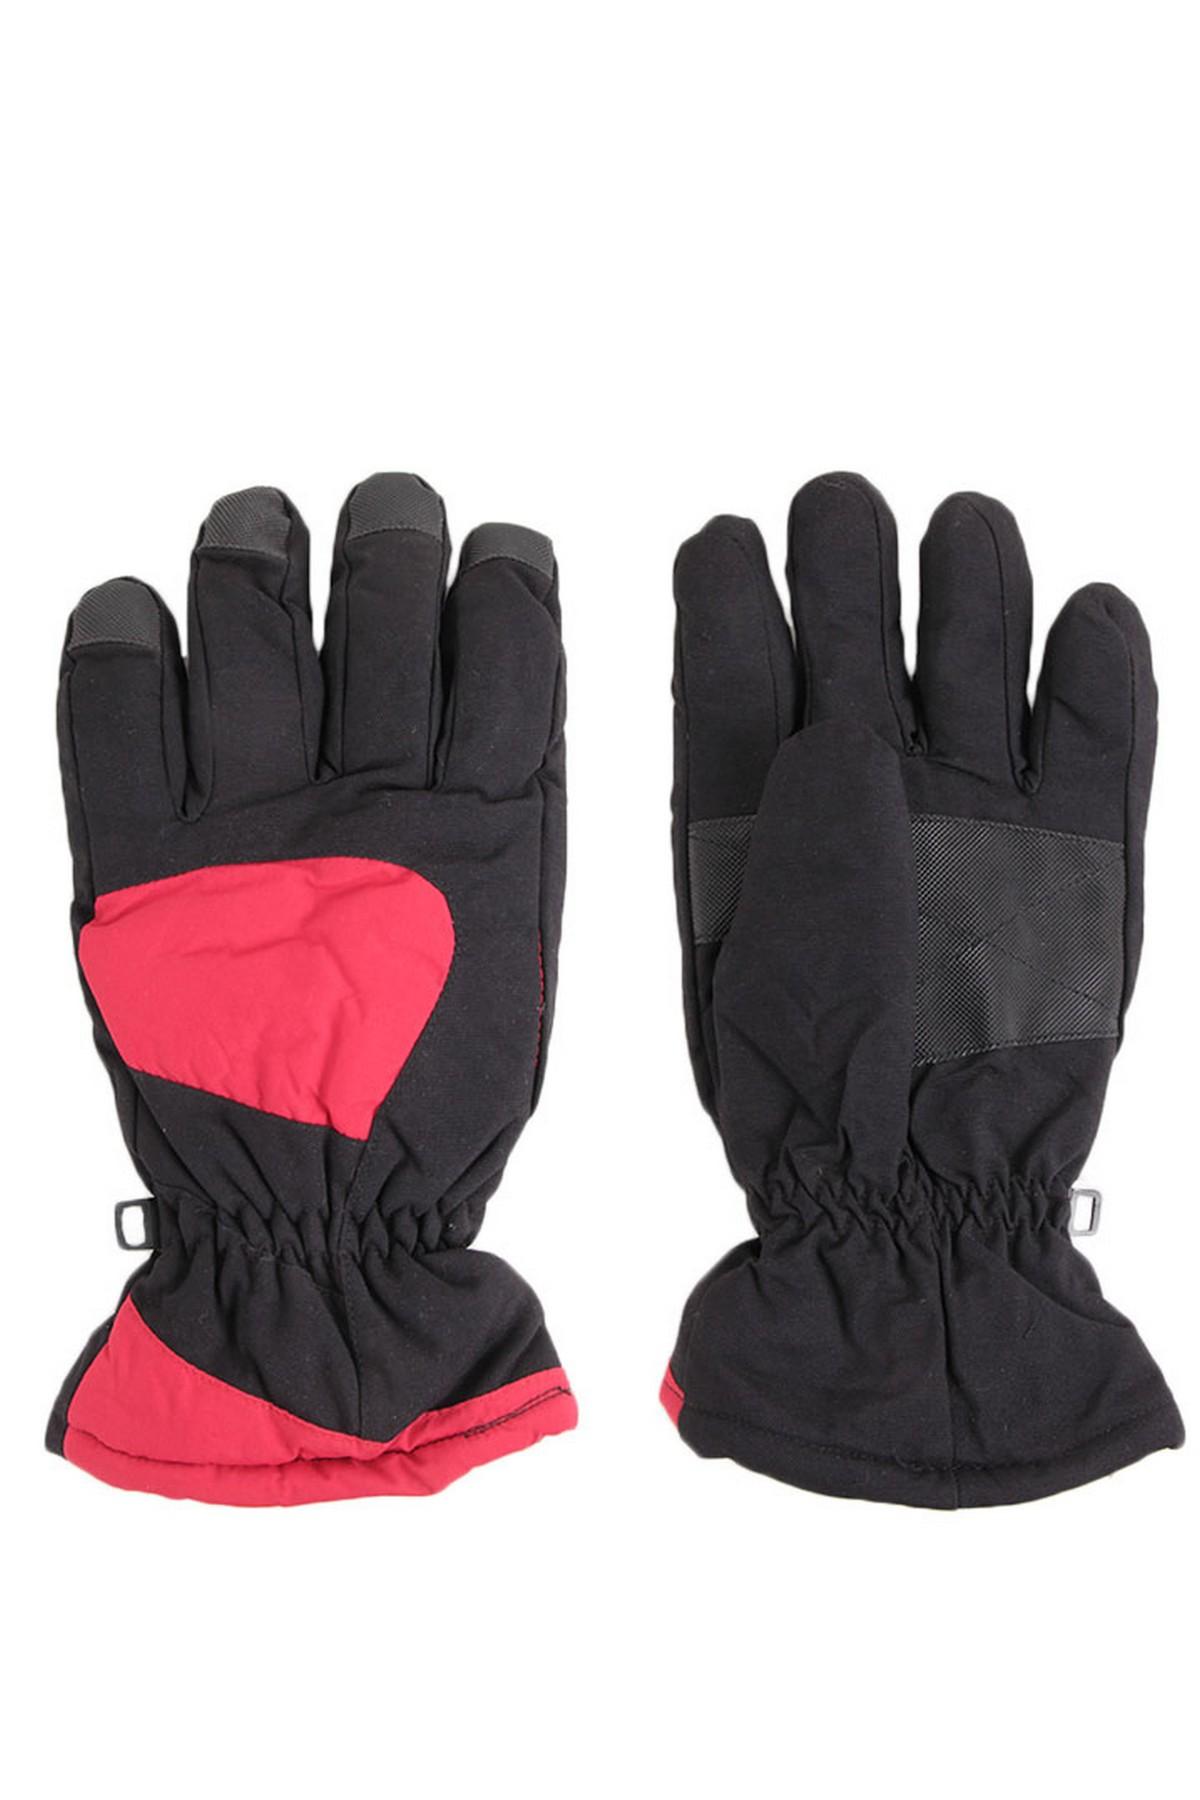 Regatta Günlük/Outdoor/Kayak Eldiven Kırmızı/Siyah (ROAD301)